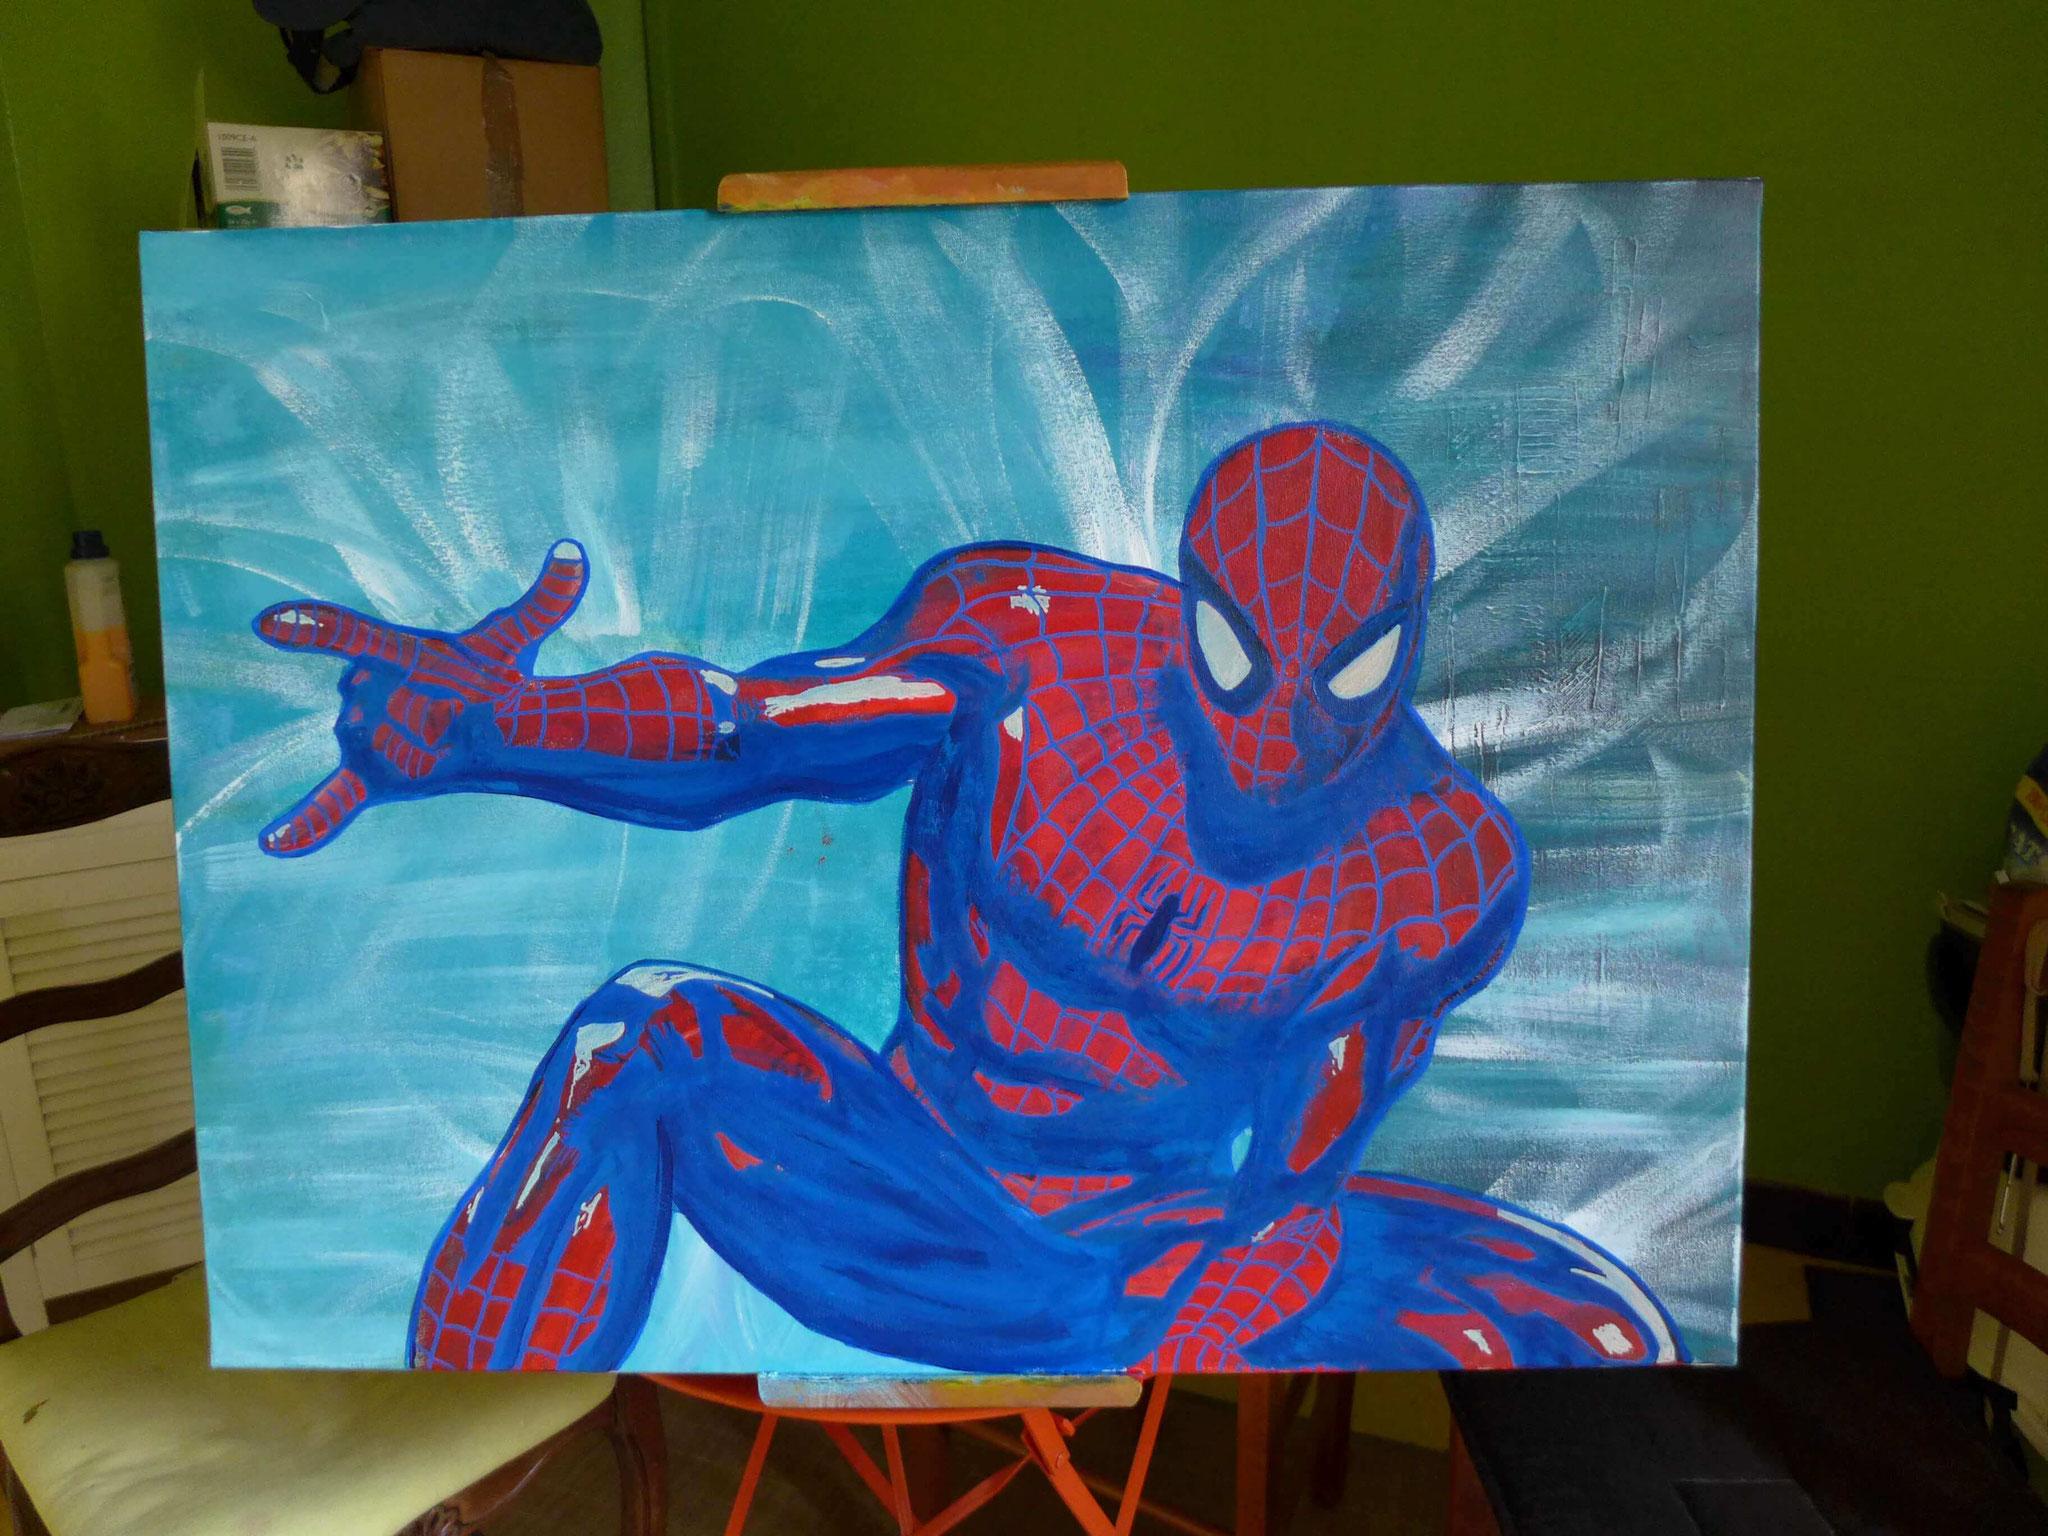 spiderman peinture par slave 2.0